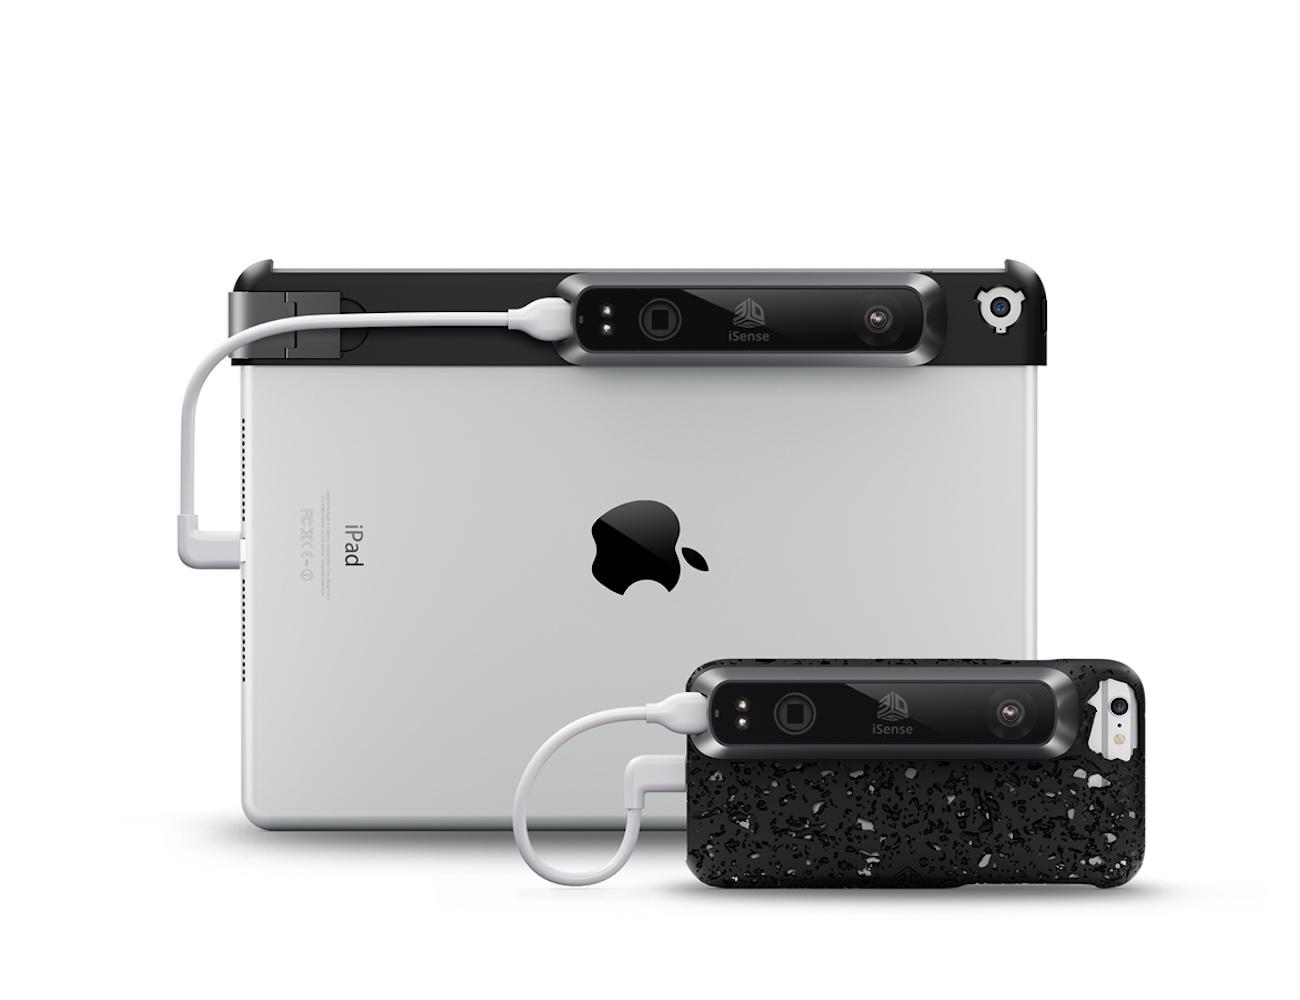 isense-3d-scanner-kit-for-iphone-02